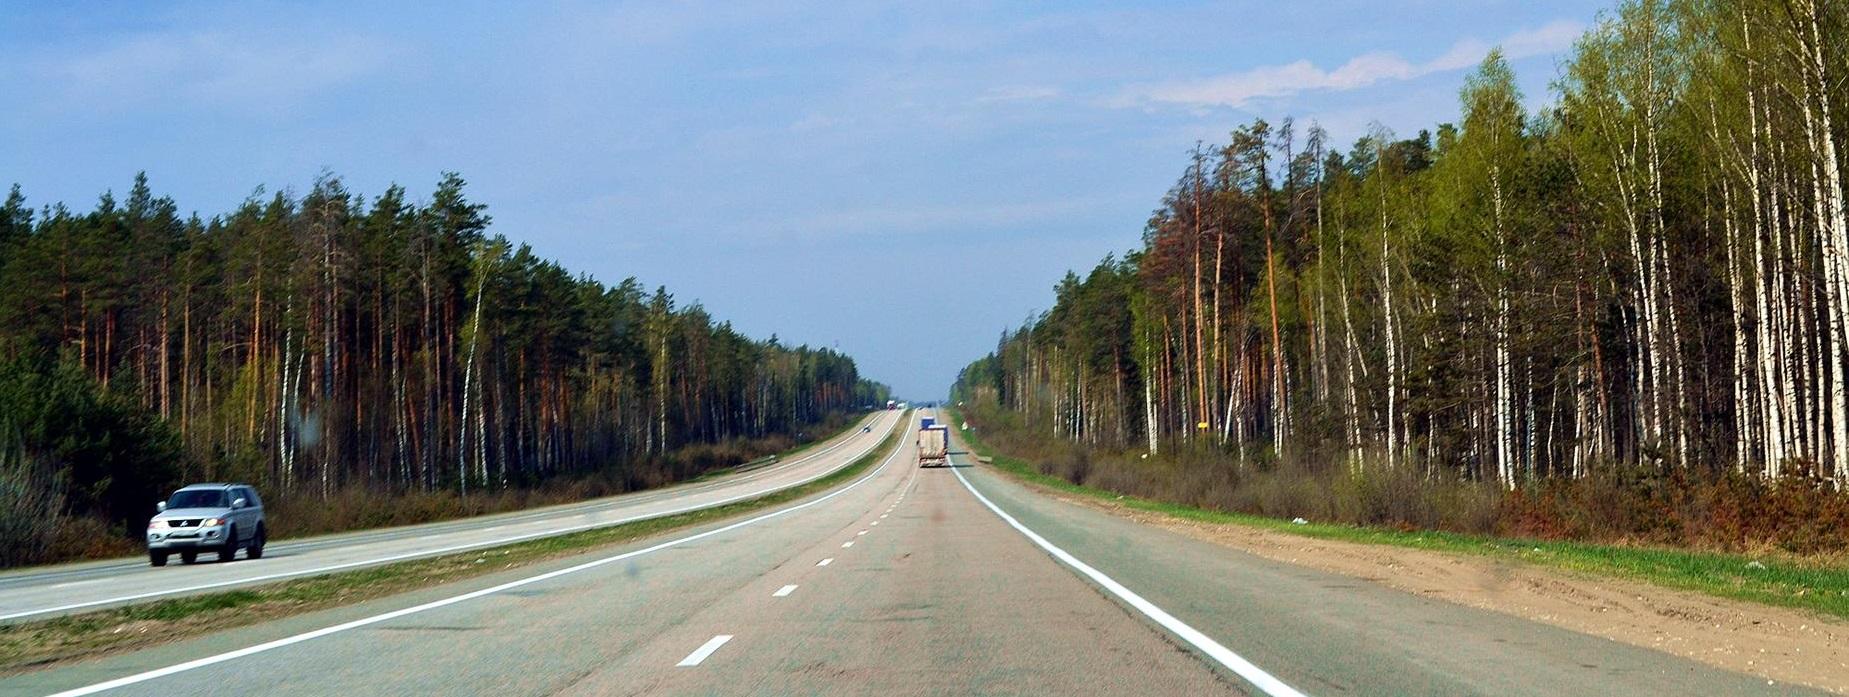 Грузоперевозки из Москвы в область Горьковское шоссе